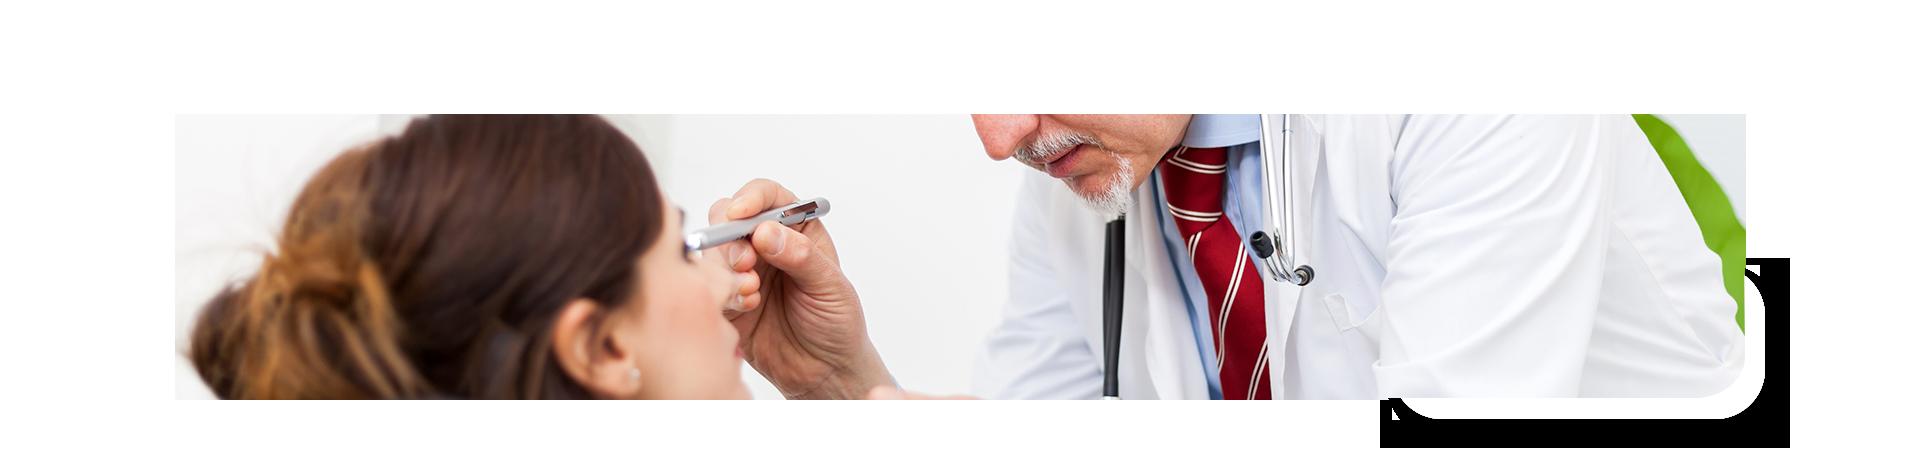 Patologias - Doenças dos Olhos